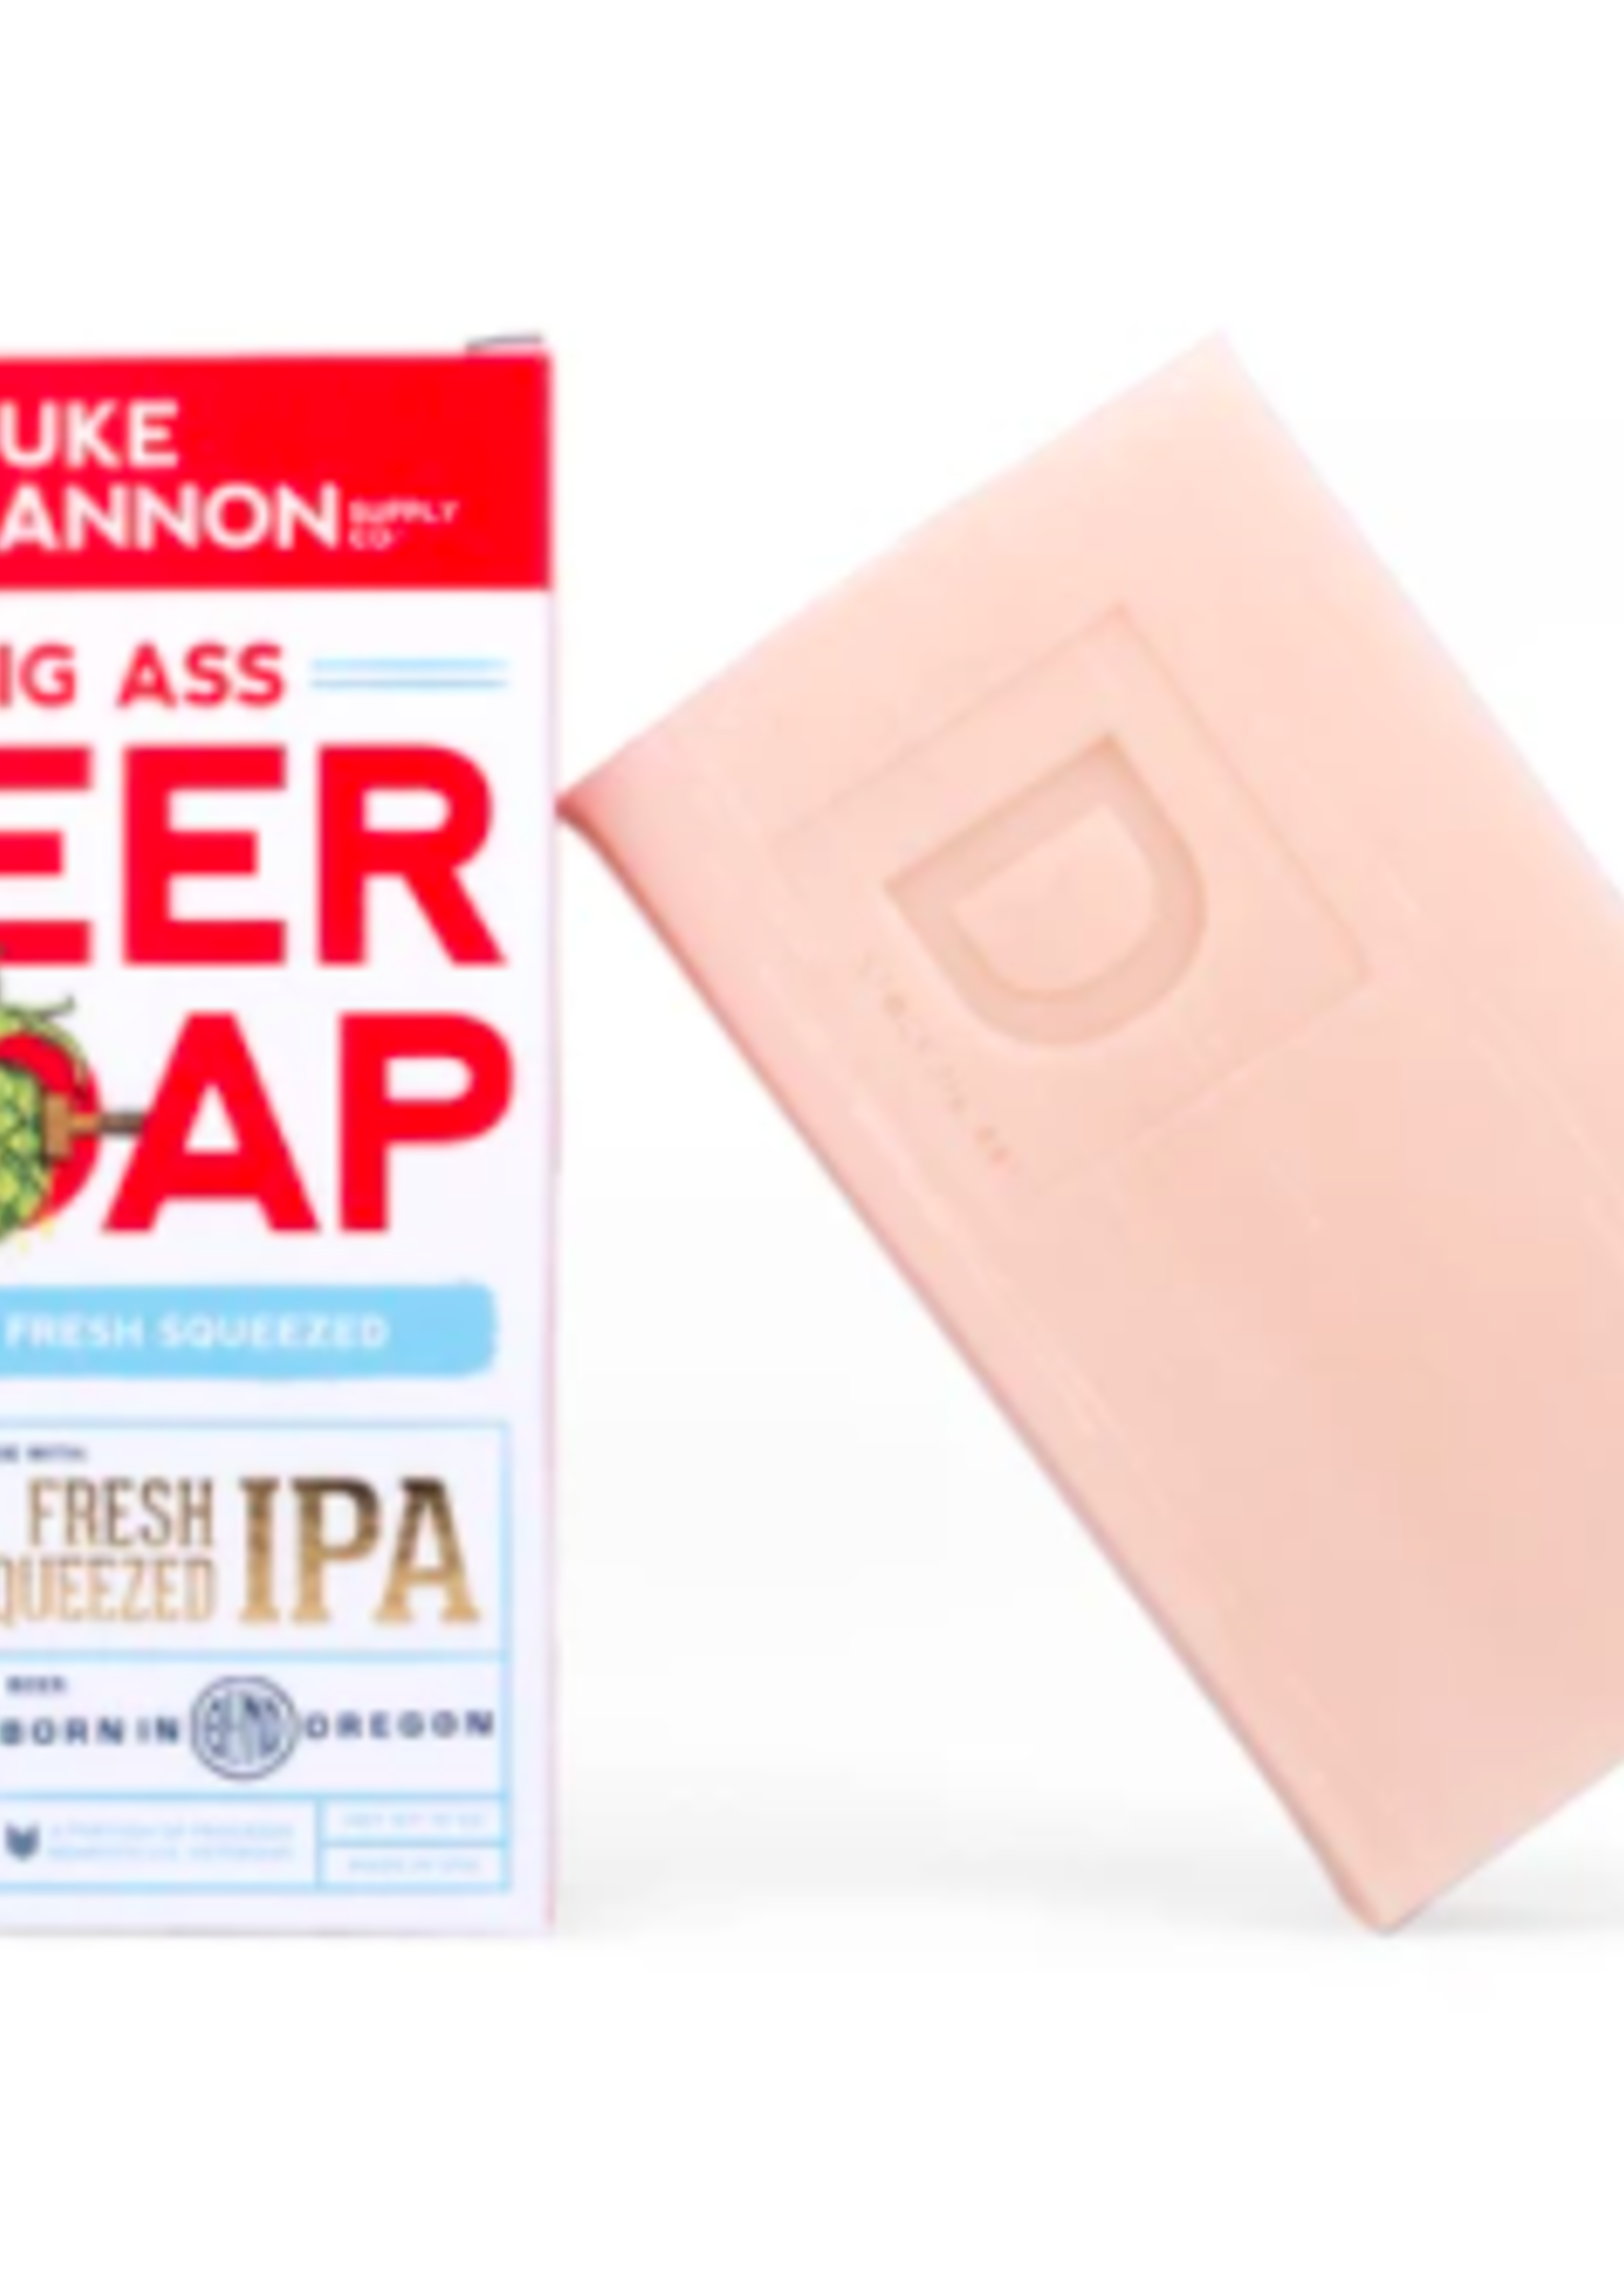 Big Ass Bear Soap Deschutes Fresh Squeezed IPA